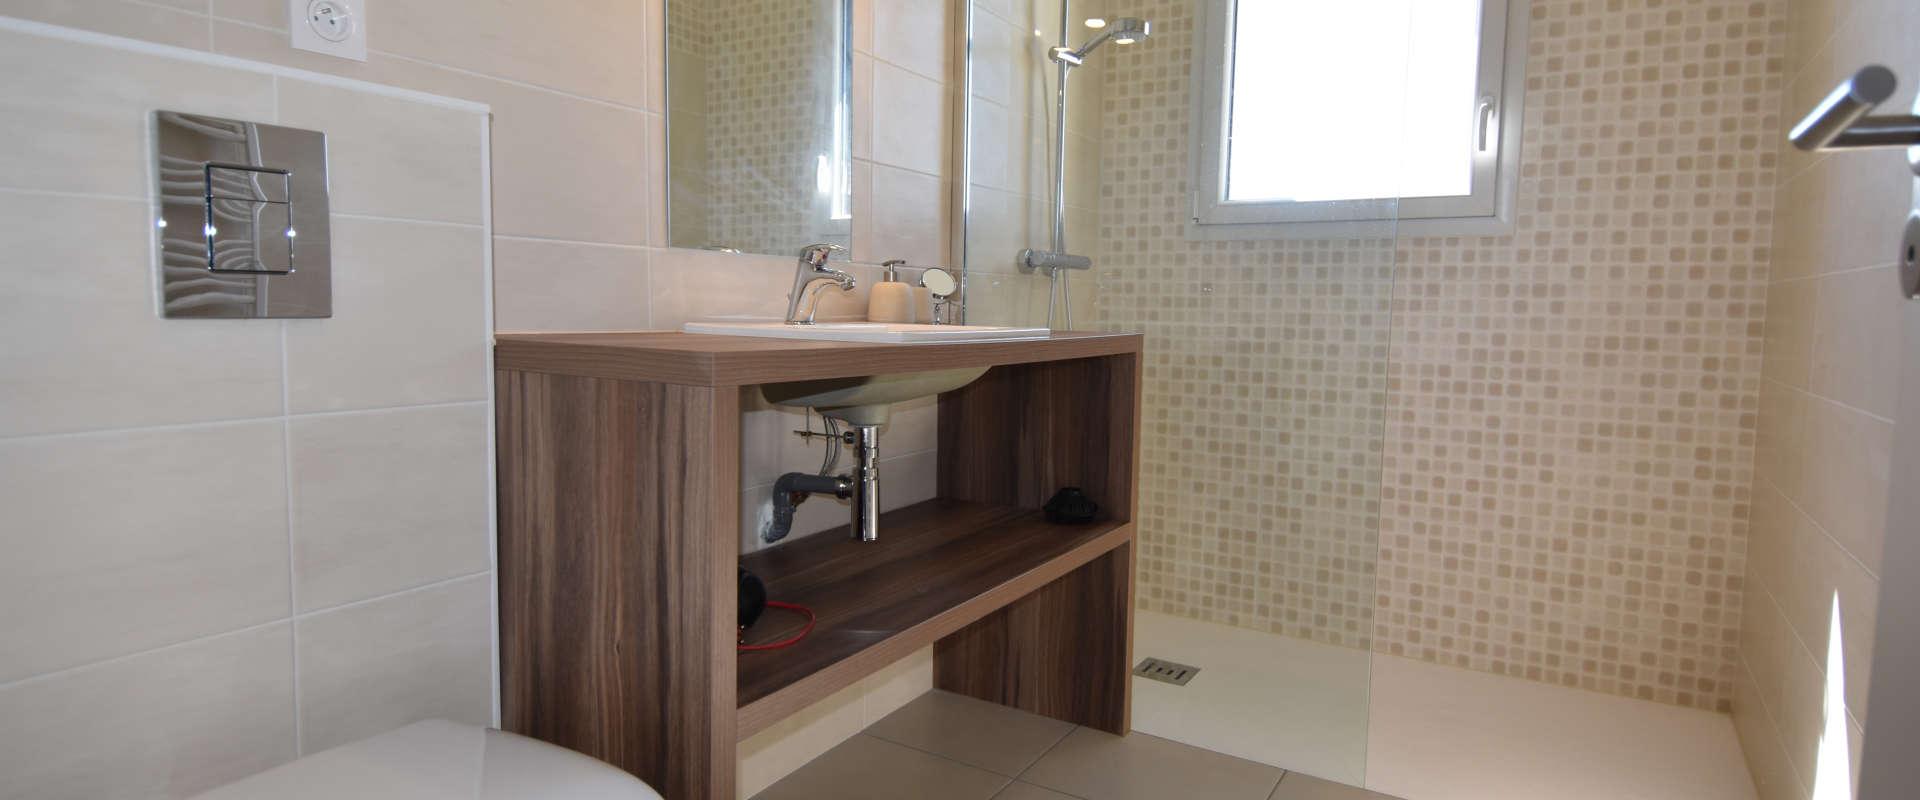 villa-des-marins-pecheurs-13-salle-d-eau-chambre4.jpg